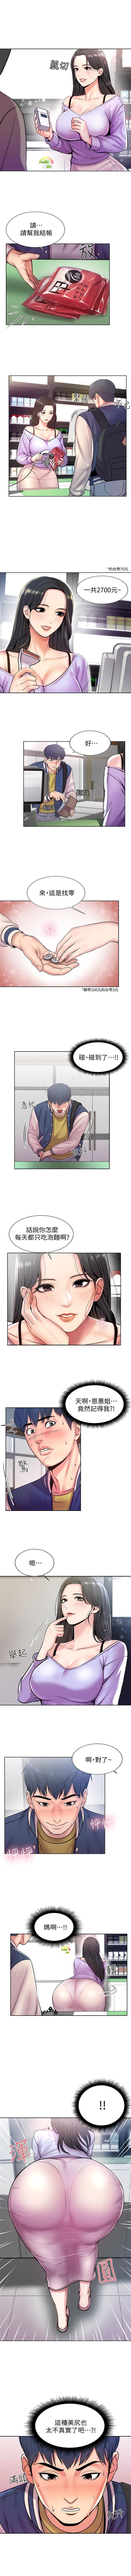 (週3)超市的漂亮姐姐 1-22 中文翻譯(更新中) 4